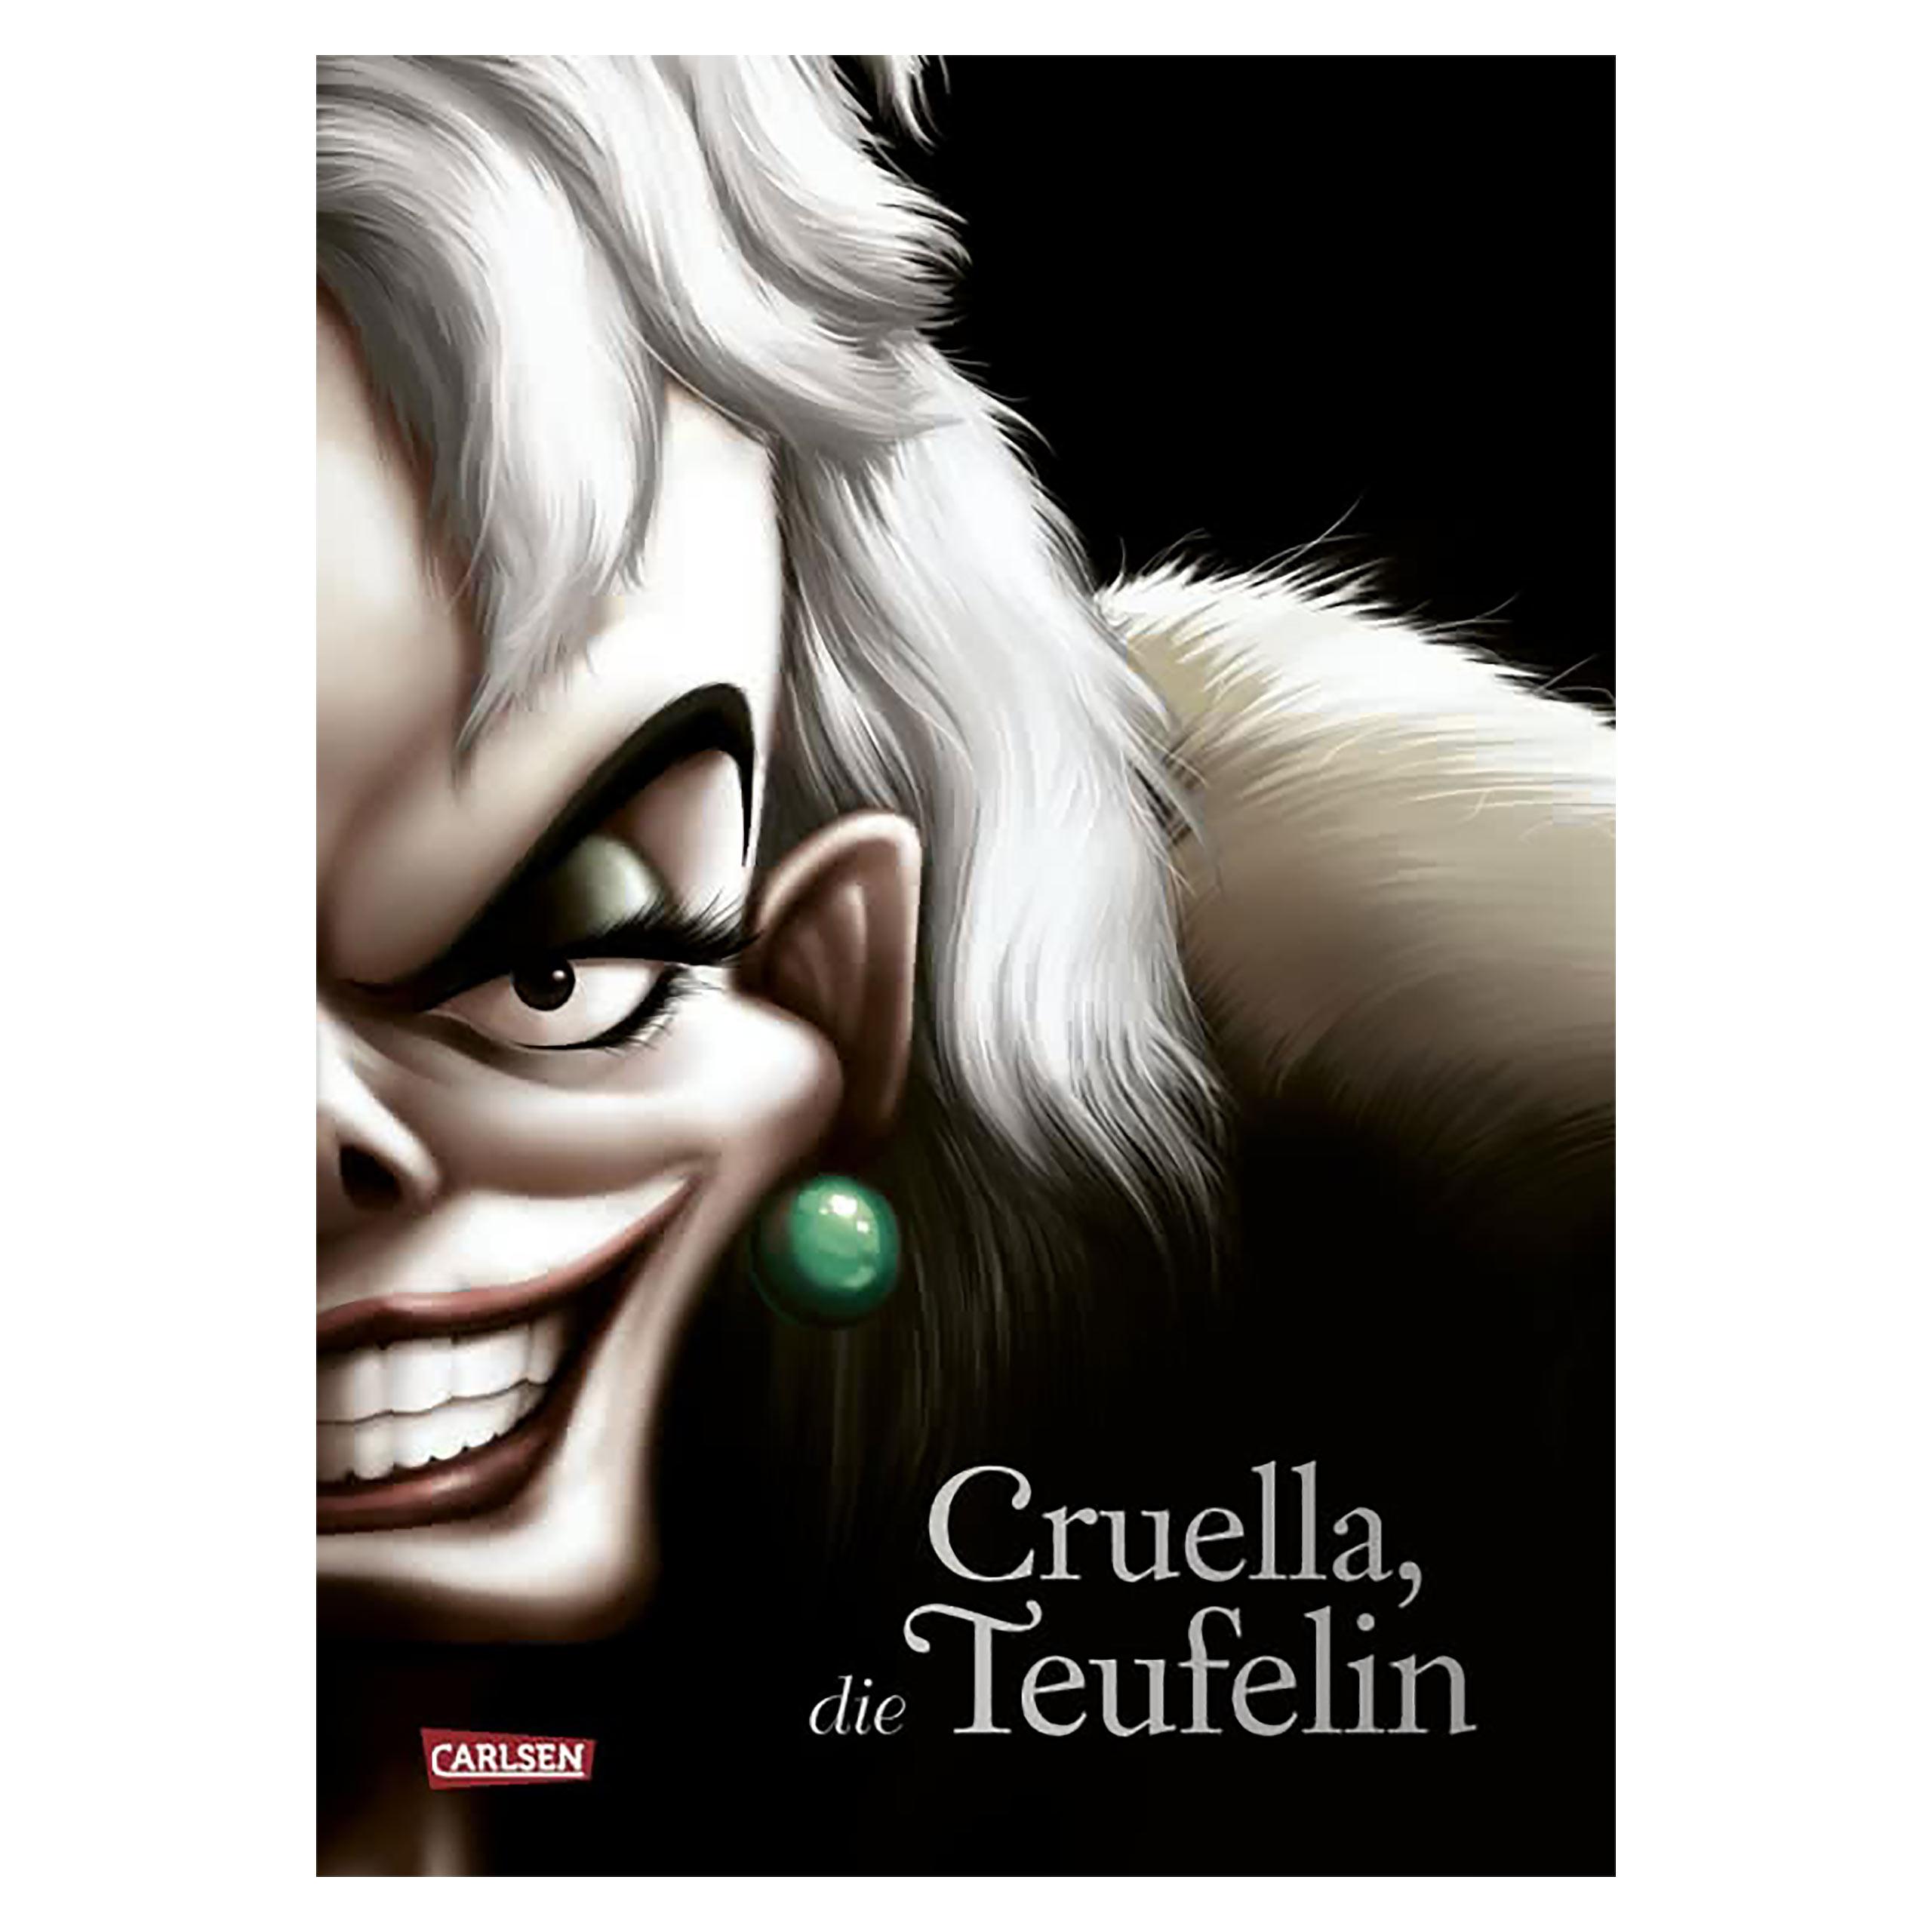 Disney Villains 7 - Cruella, die Teufelin